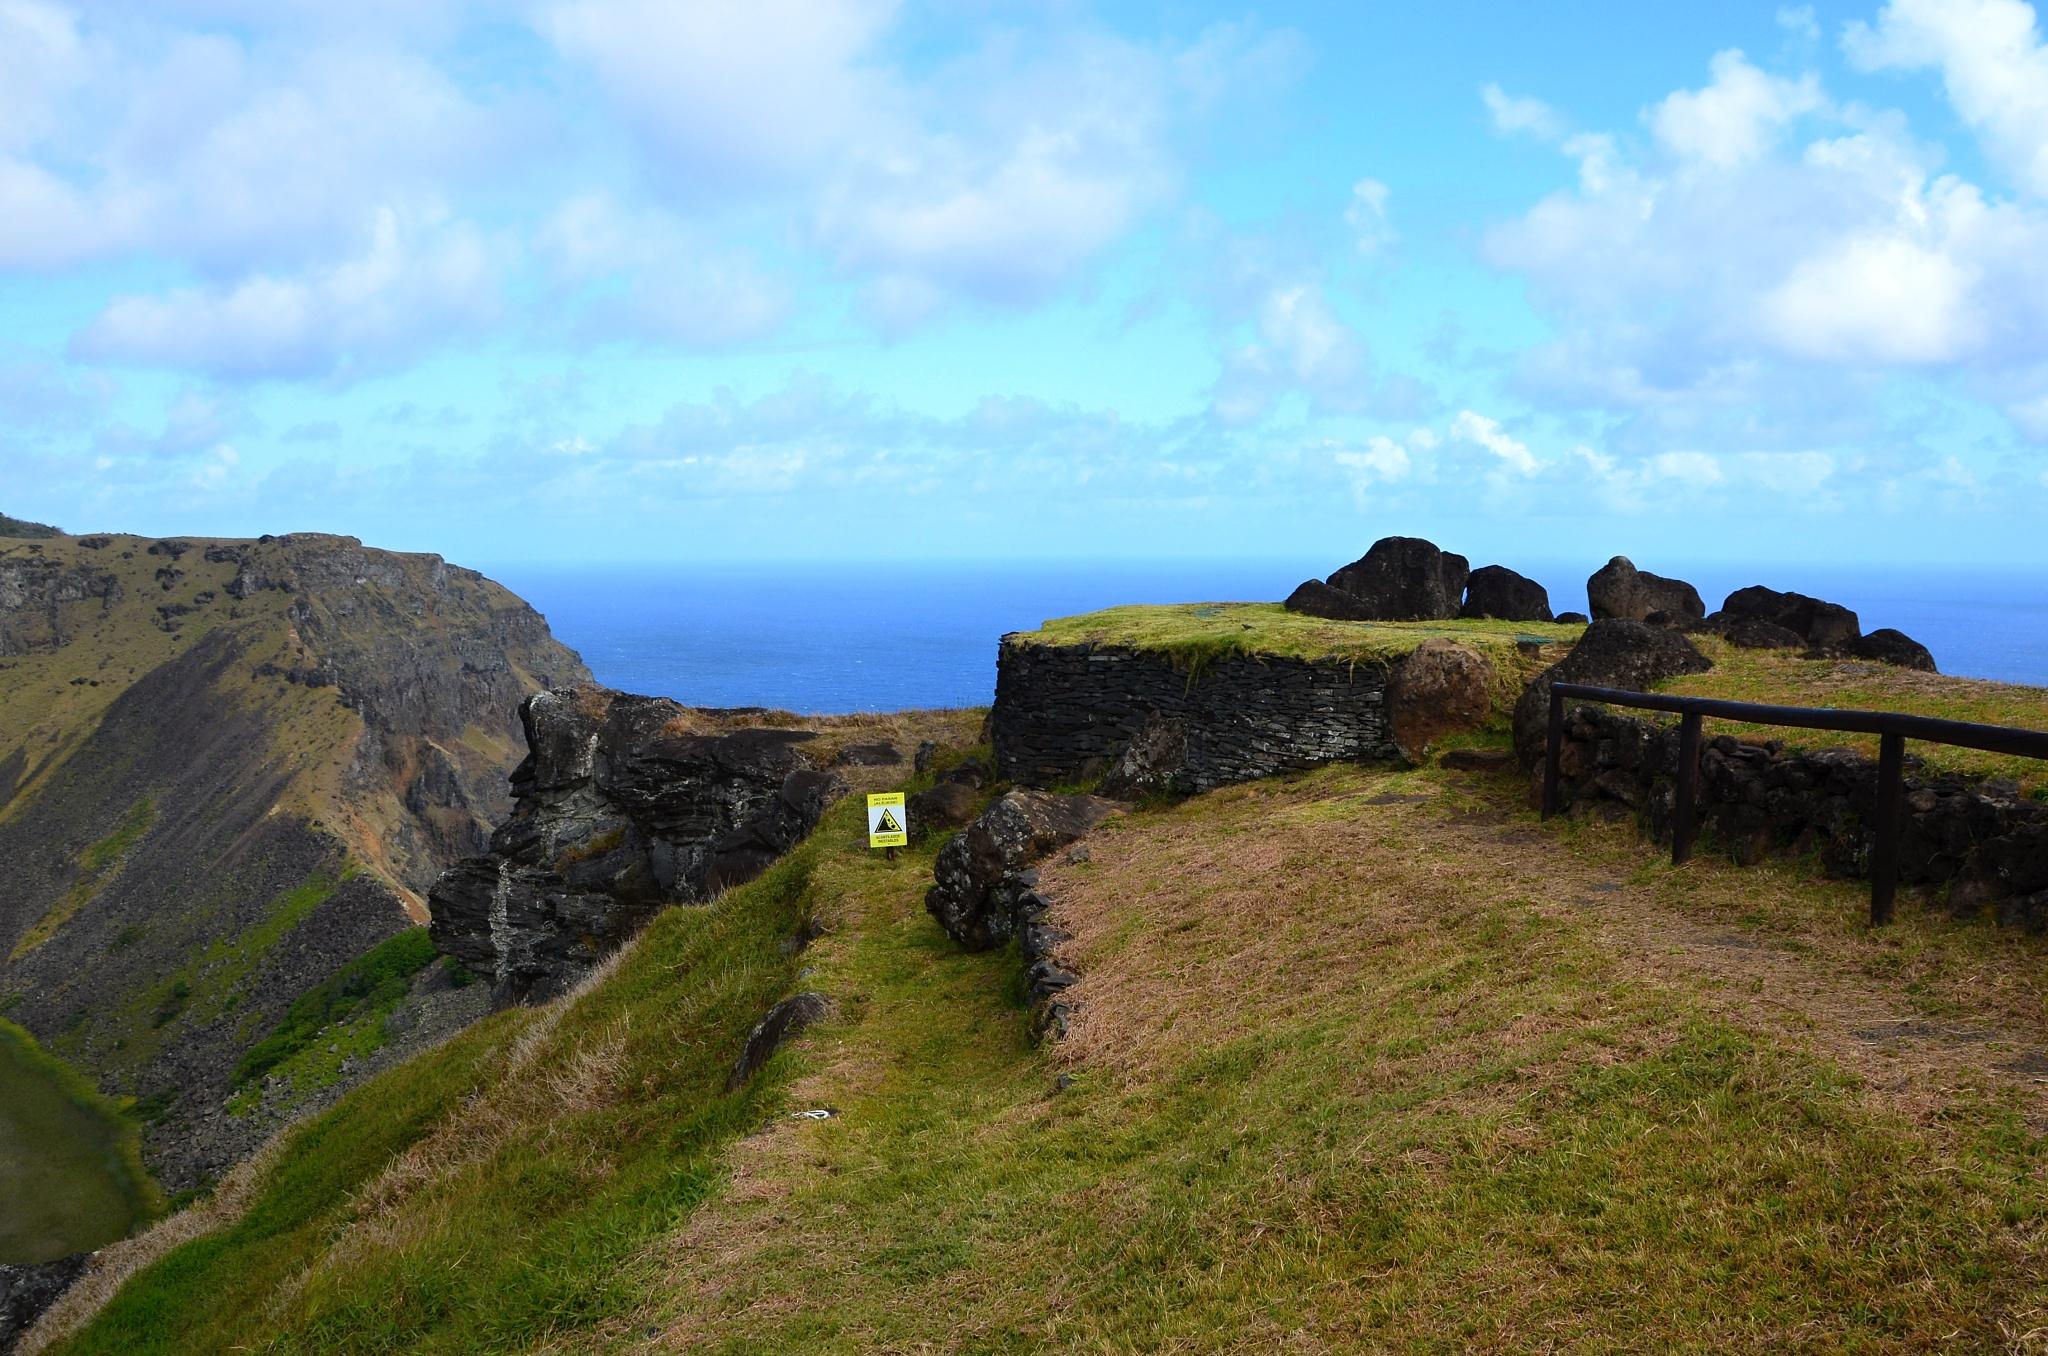 Obřadní vesnice Orongo na Velikonočním ostrově